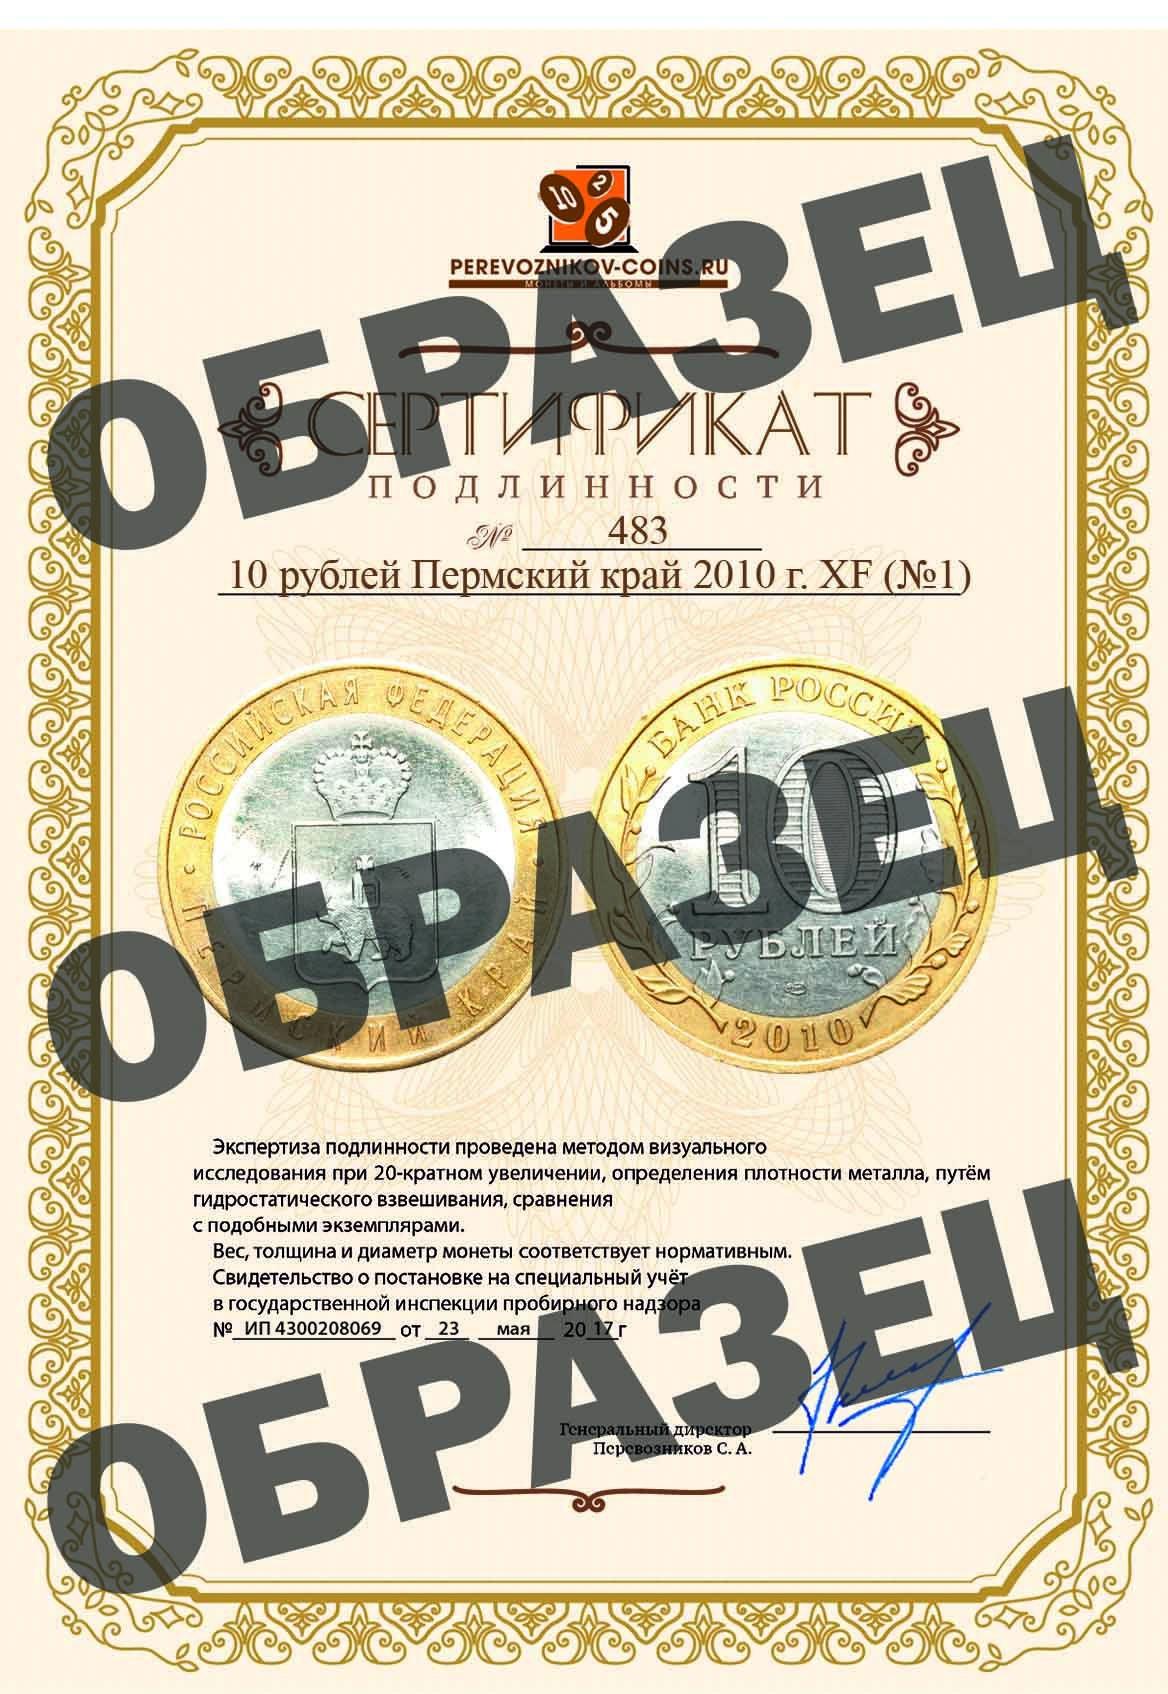 10 рублей Пермский край 2010 г. XF (№1)